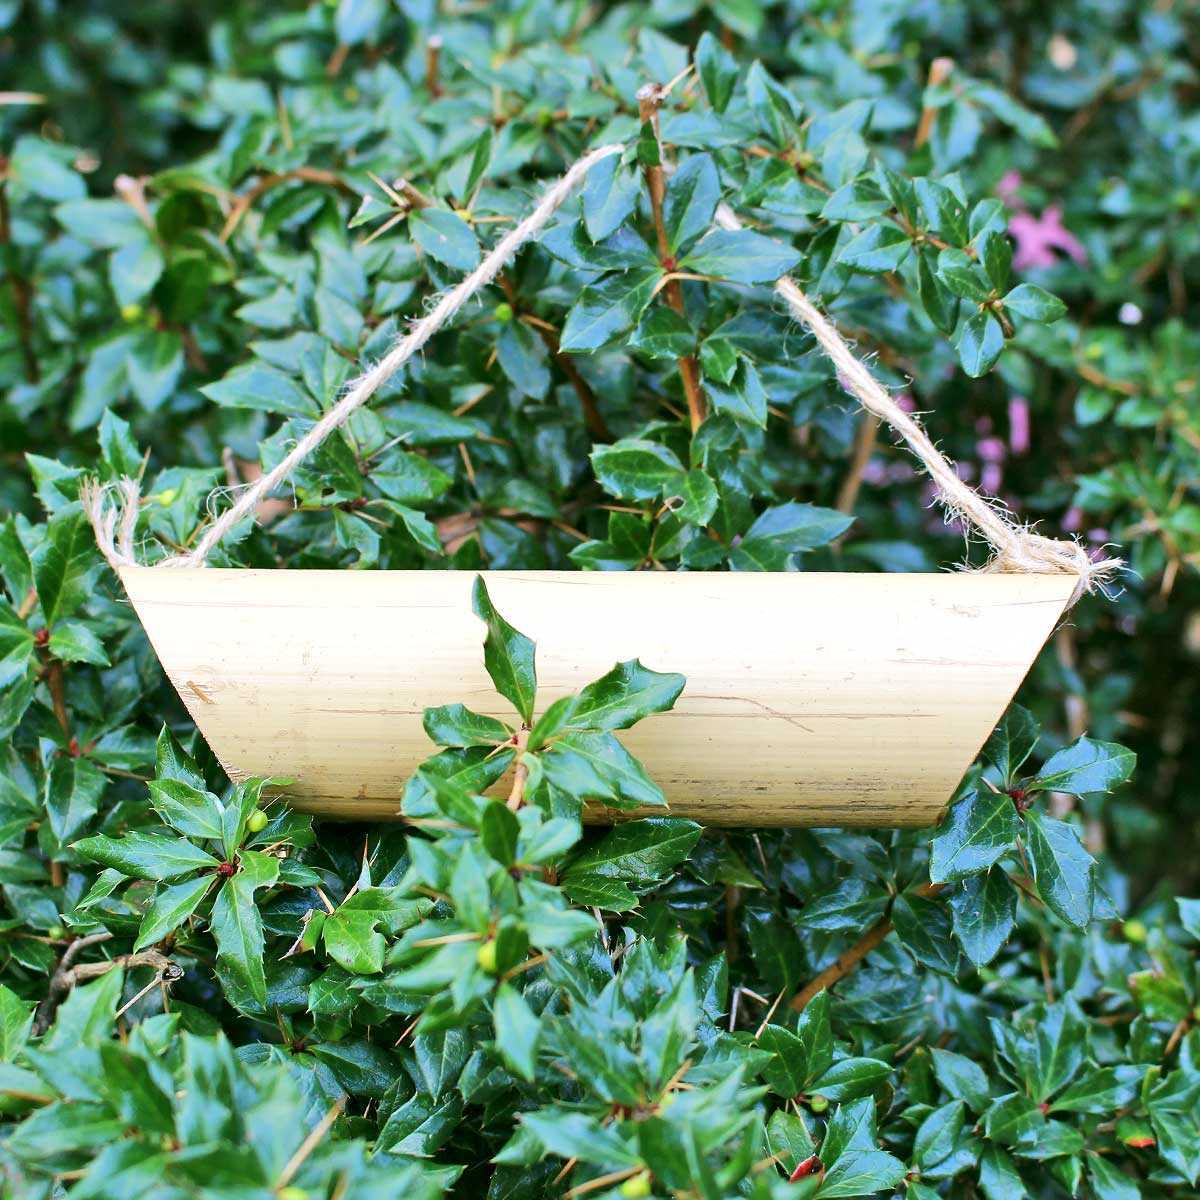 Comment Se Débarrasser Des Bambous Dans Le Jardin mangeoire pour coccinelles en bambou